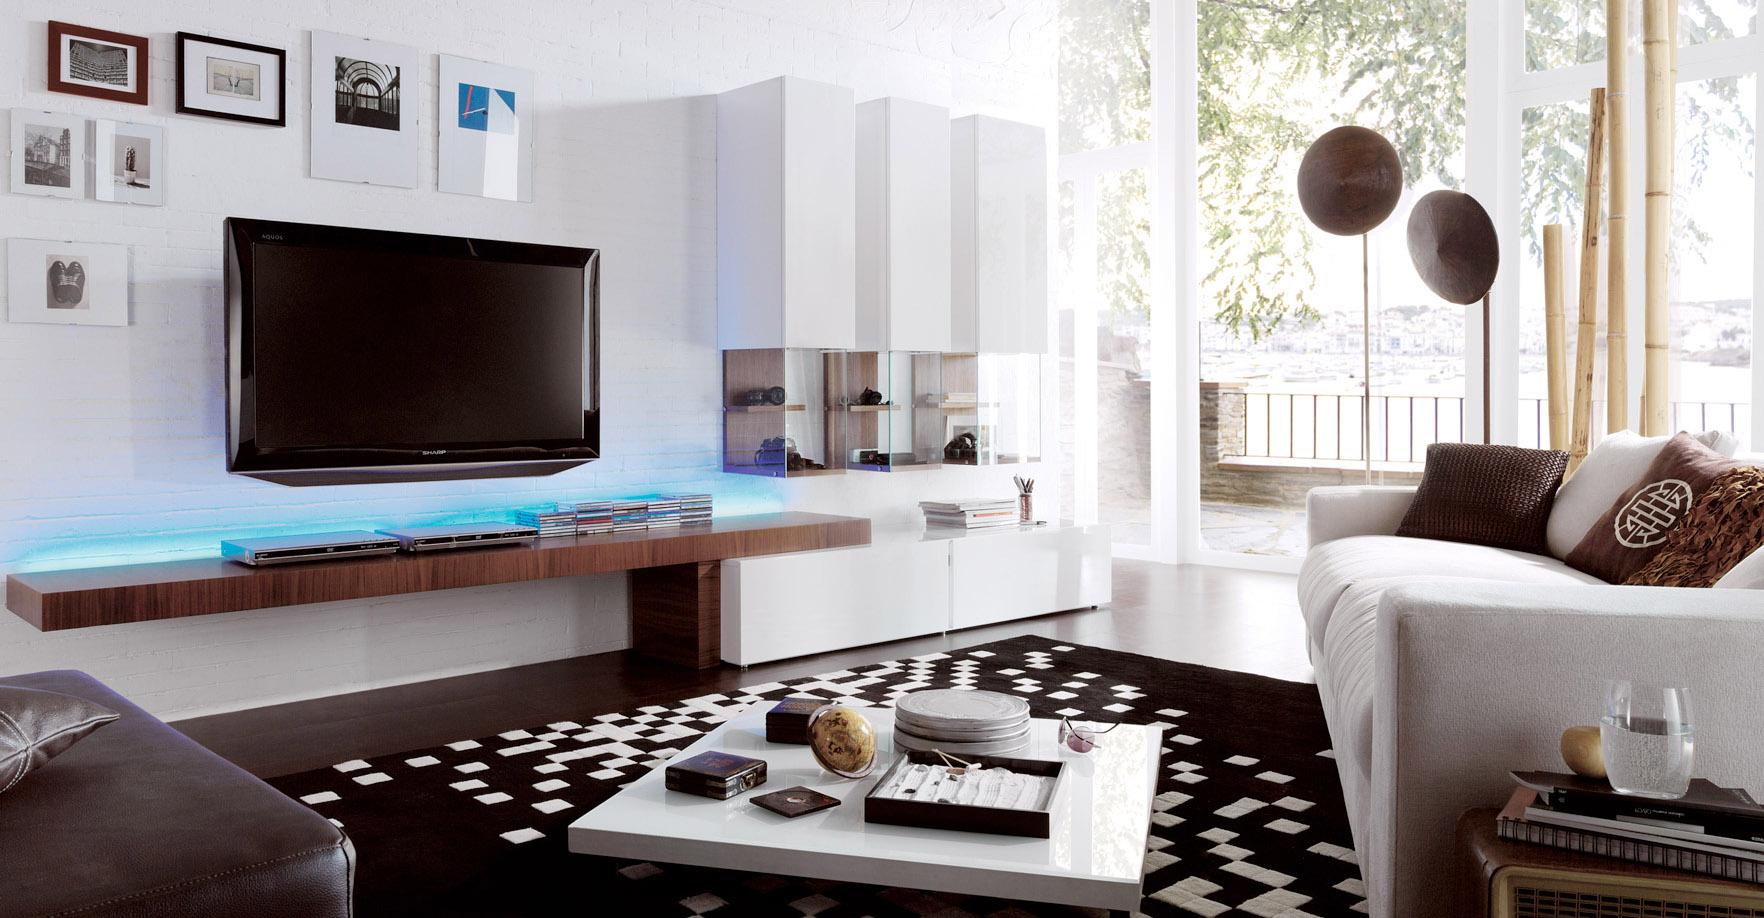 modulares de salon de estilo moderno (49)